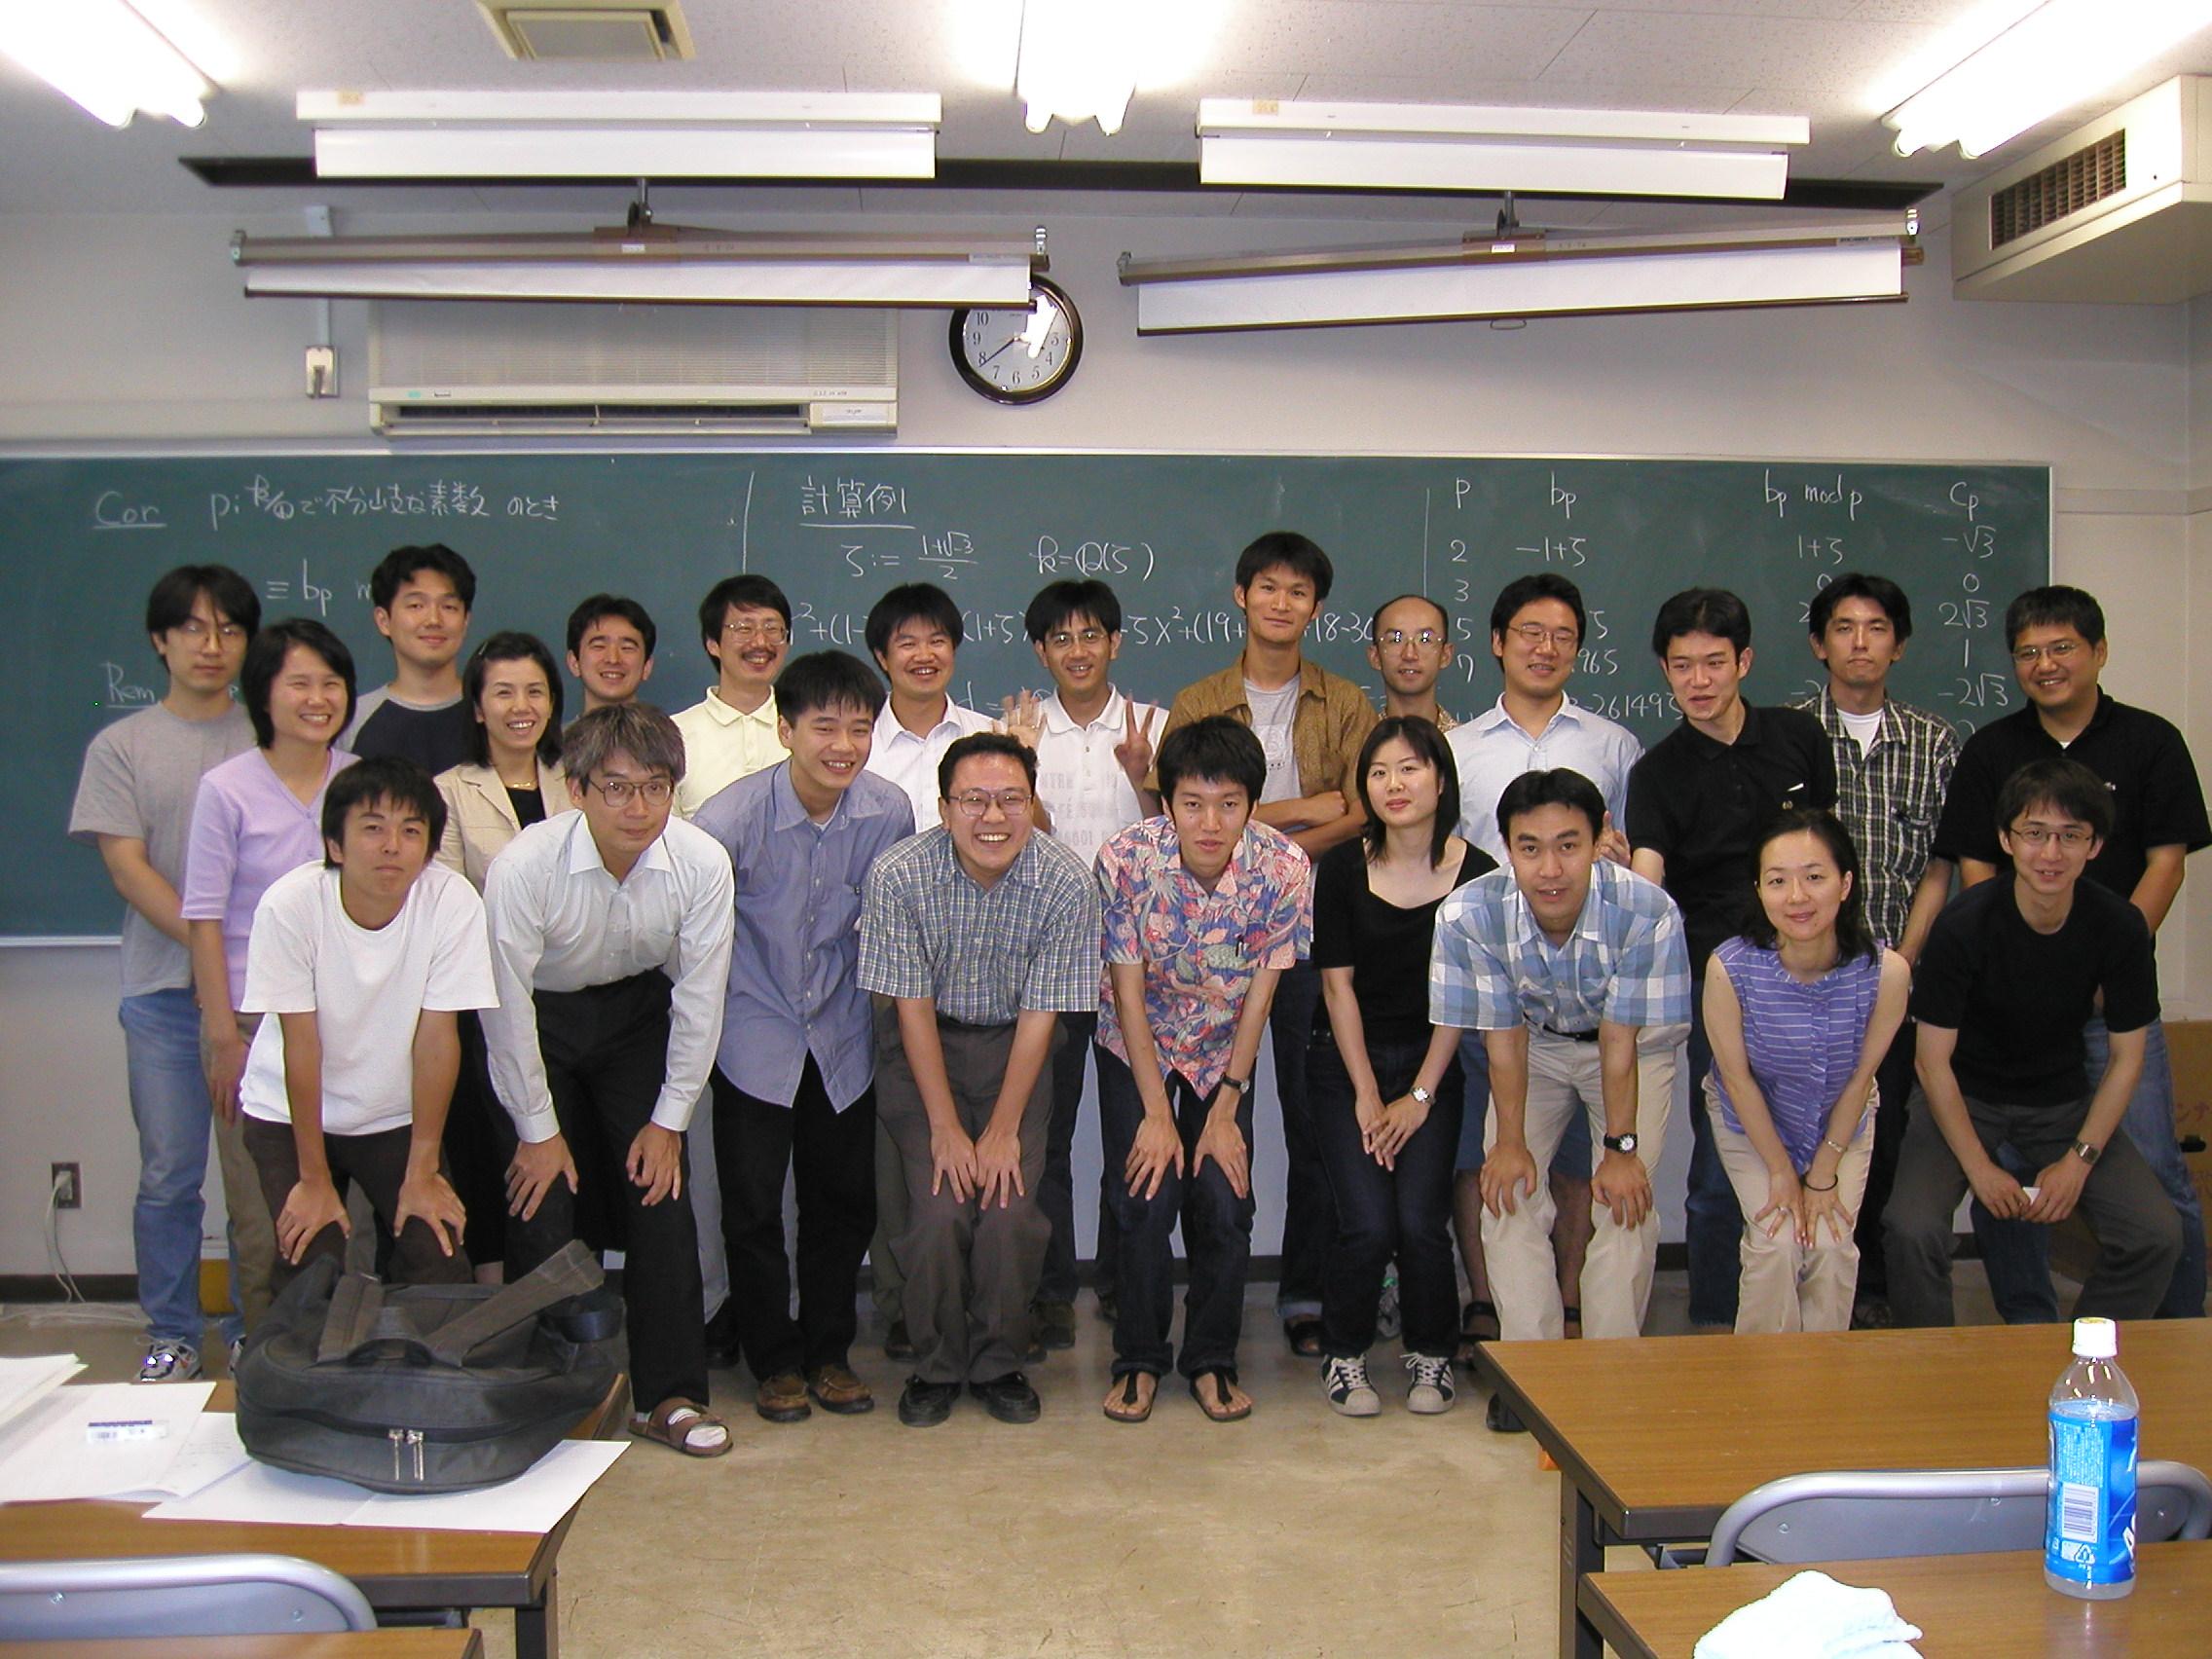 広島整数論集会